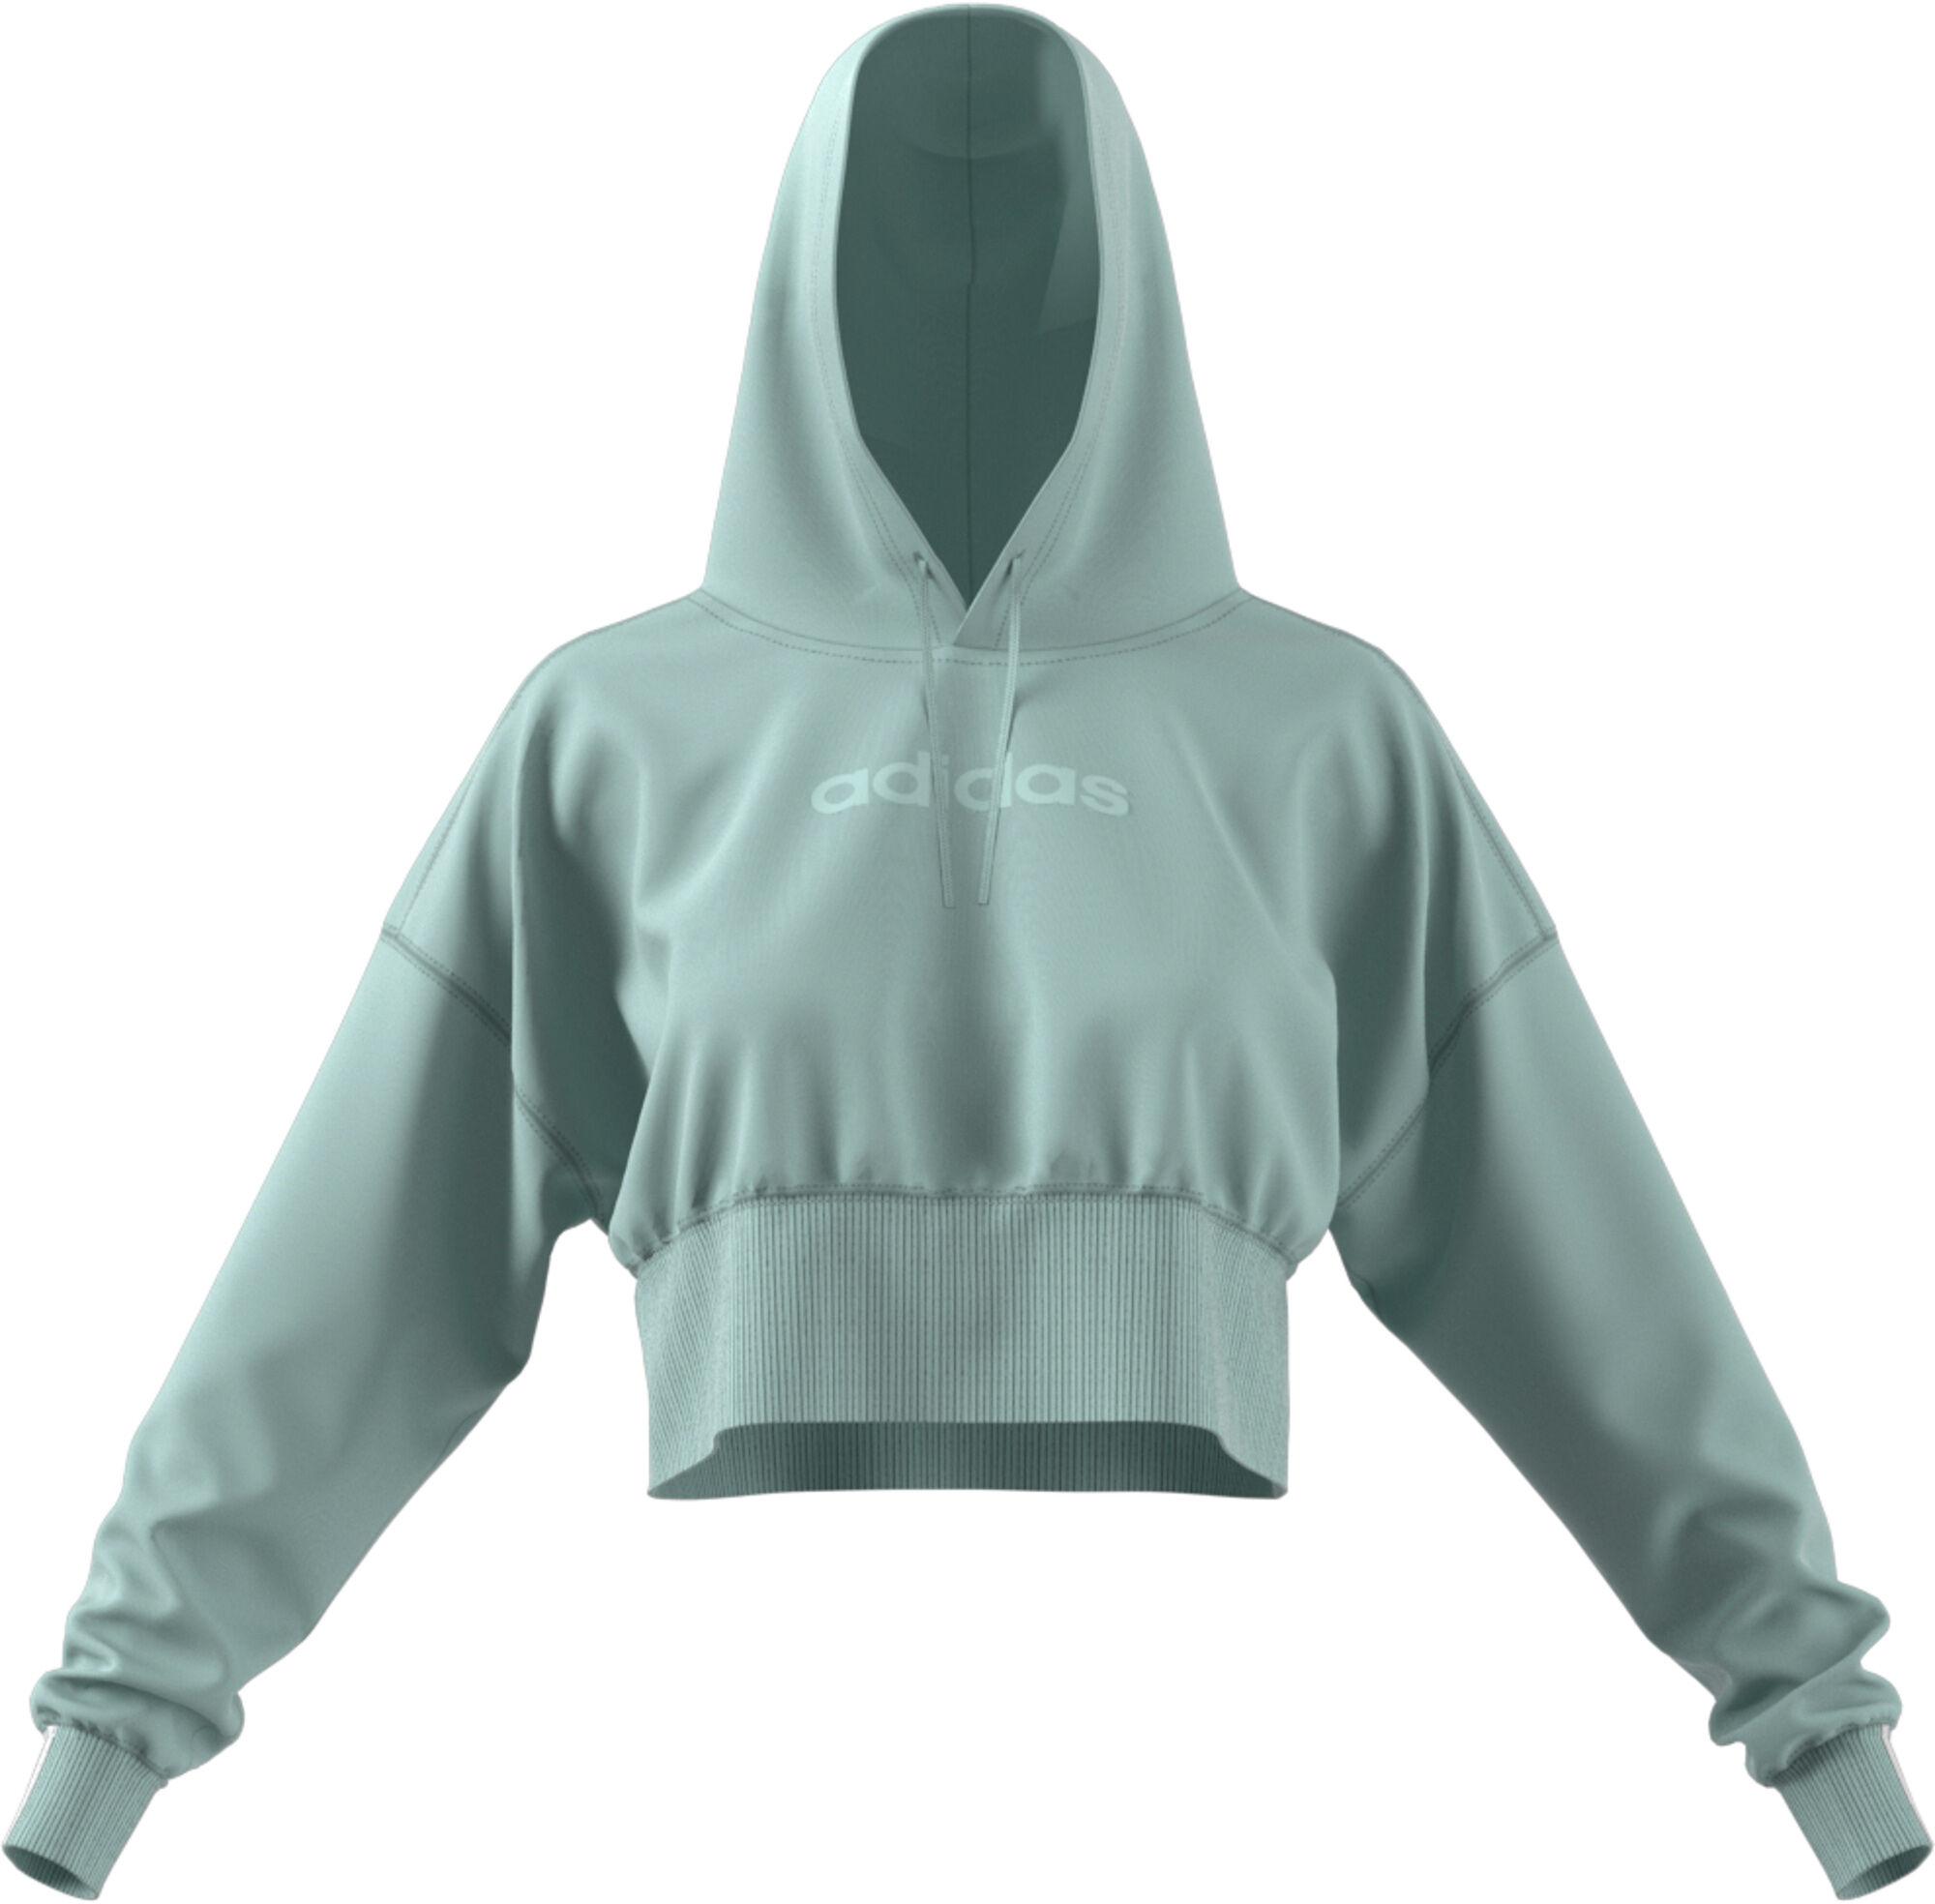 Acquista 2 FUORI QUALSIASI CASO adidas sweater dames zwart E